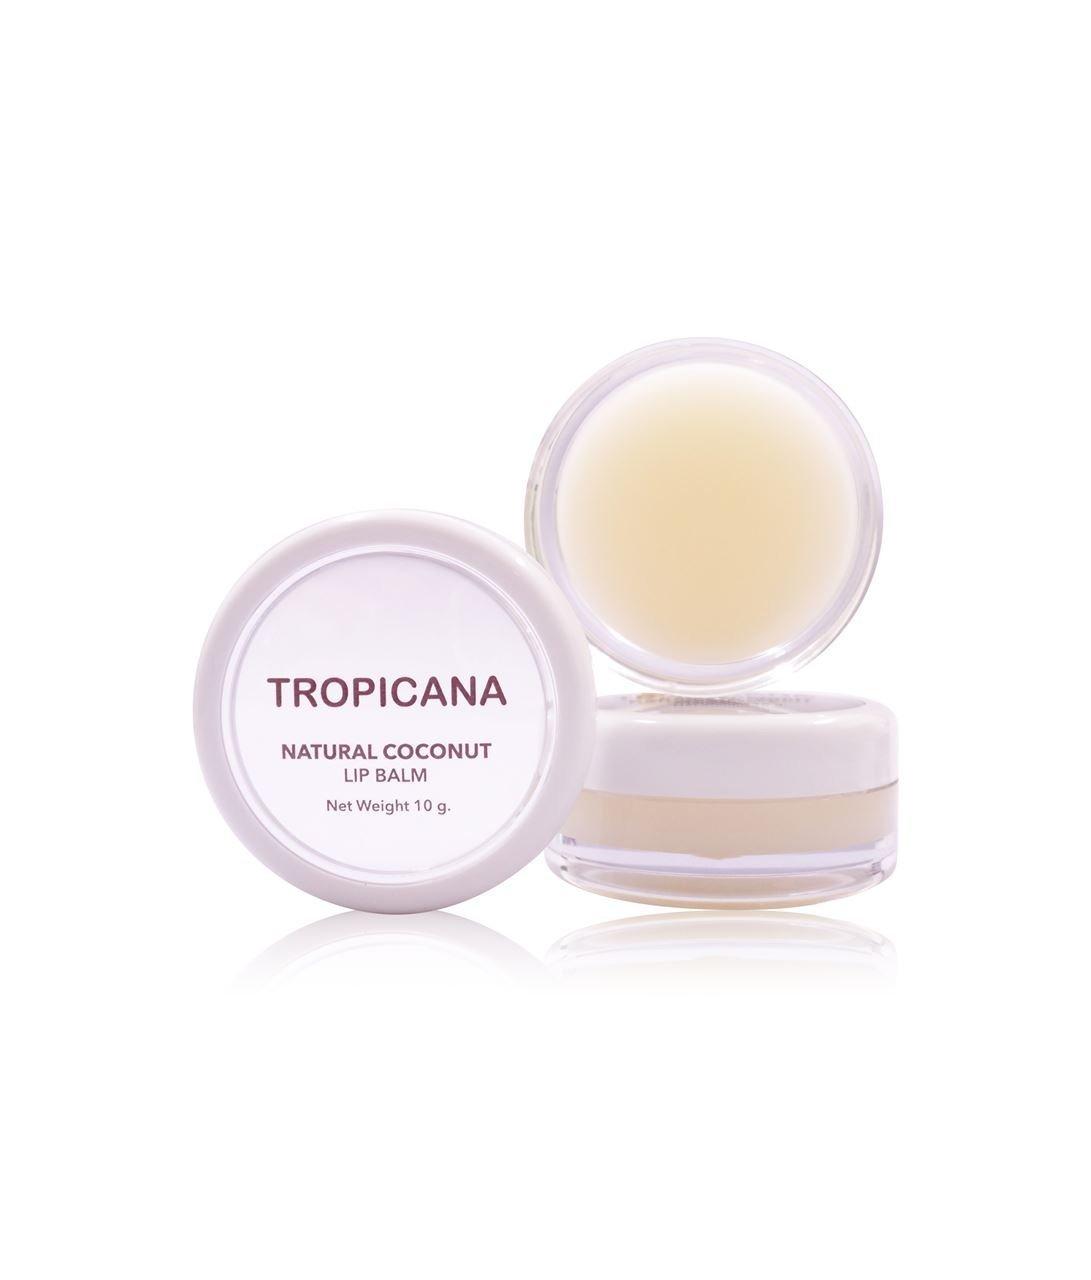 6x Natural Coconut Lip Balm Moisture (Non-Preservative) Coconut Delight